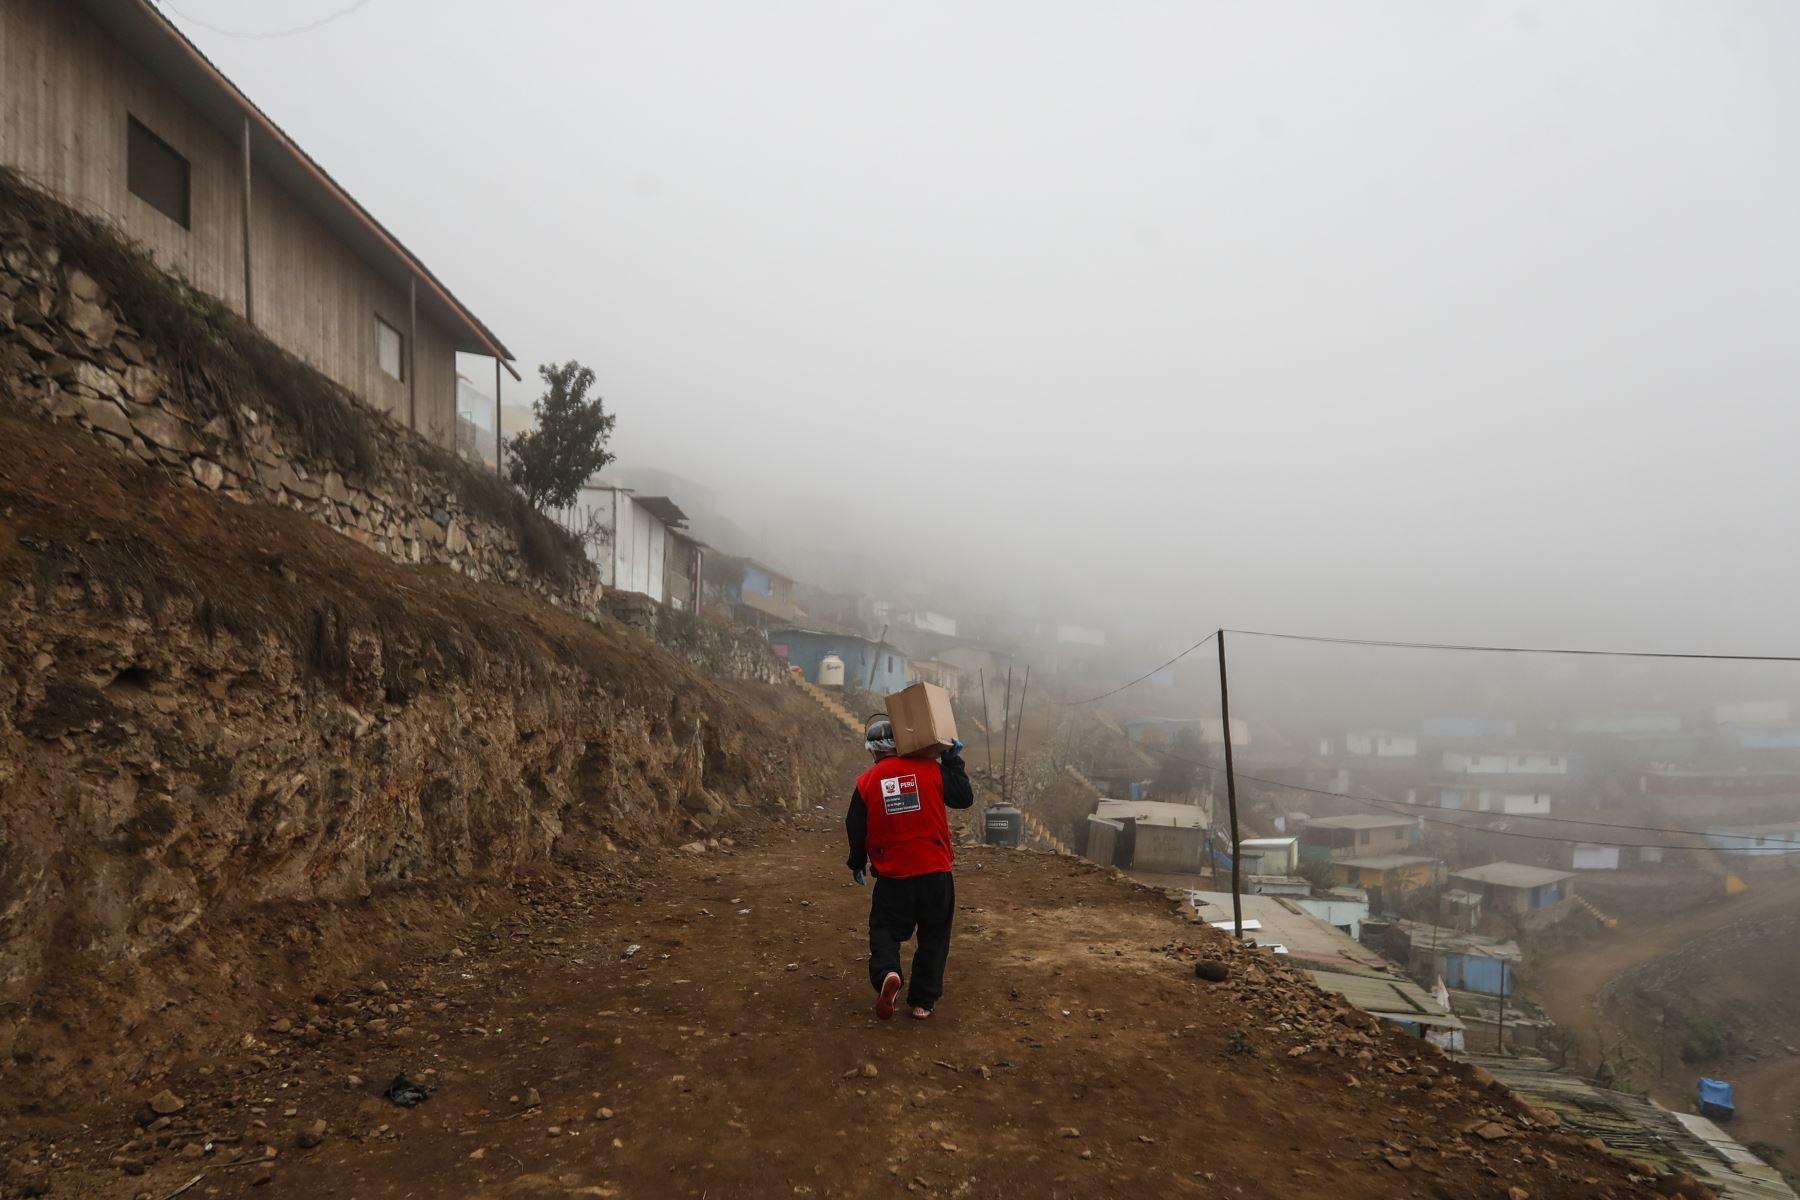 A pesar del frío en la zona altas del Villa Maria del Triunfo, los trabajadores sociales continúan realizando du labor en beneficio de las familias que verdaderamente lo necesitan. Foto: ANDINA/Renato Pajuelo